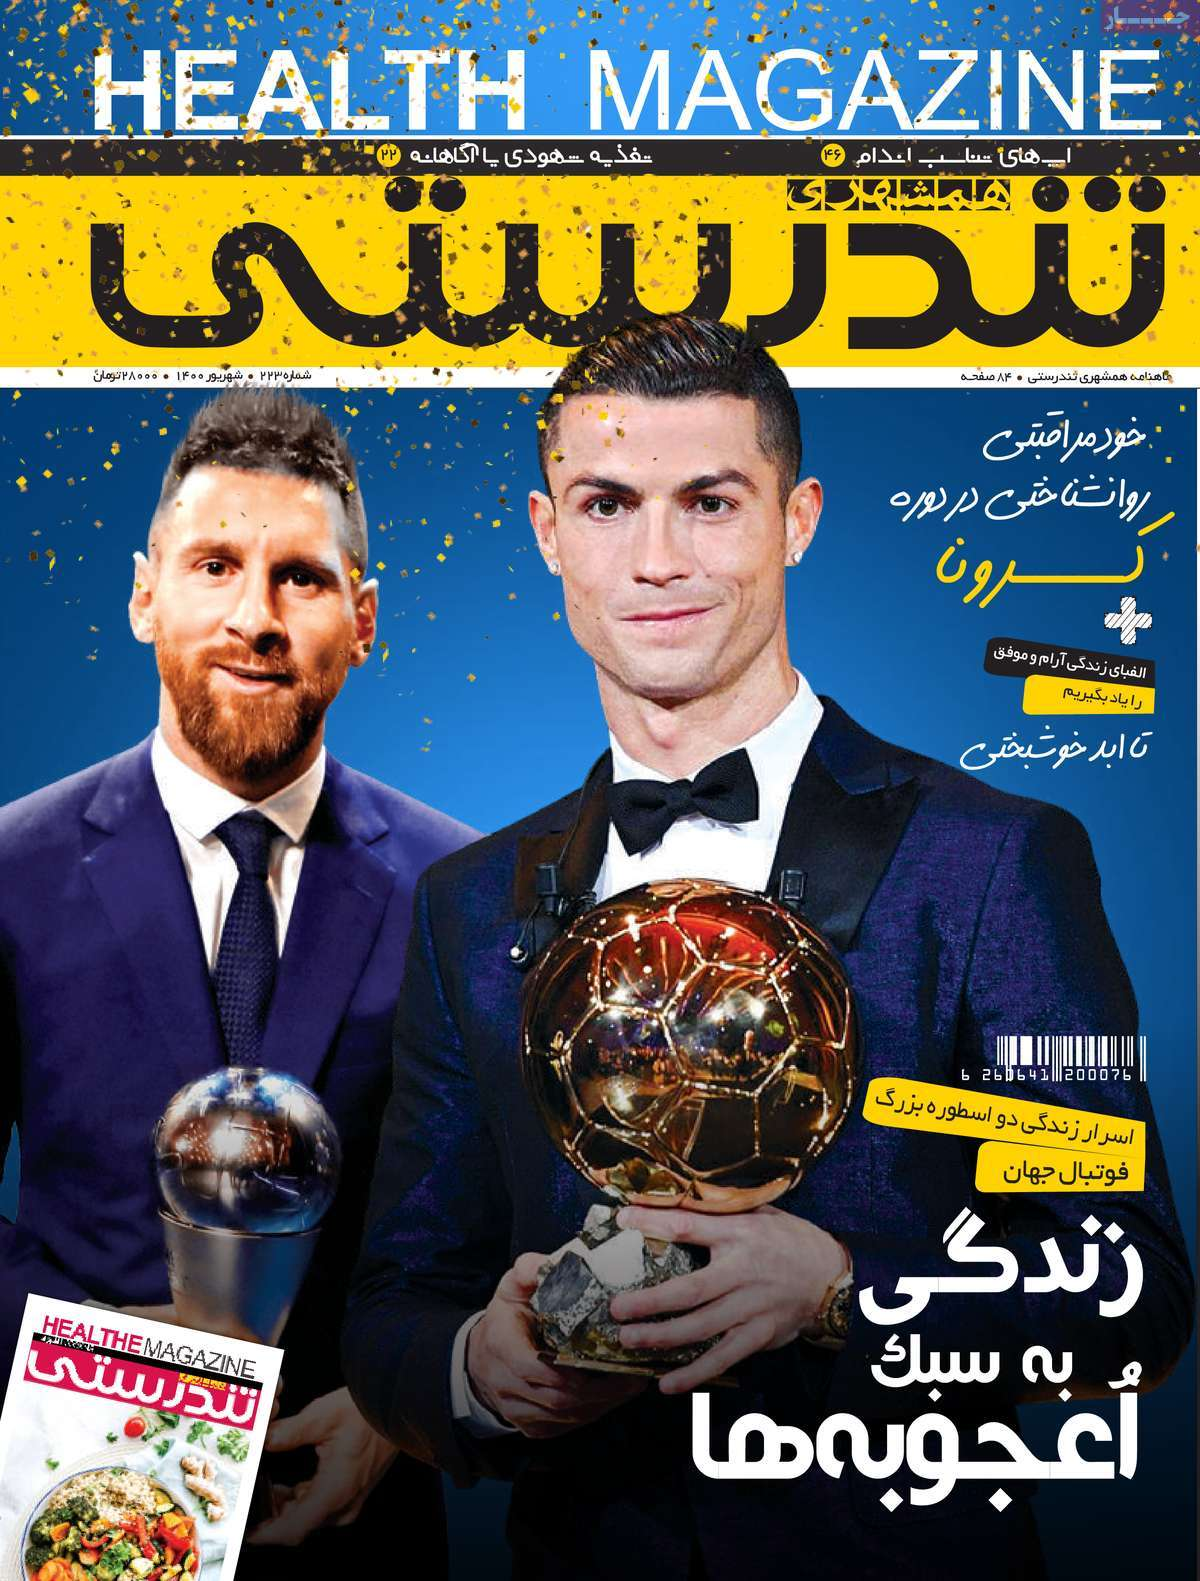 صفحه نخست مجله همشهری تندرستی - پنجشنبه, ۲۵ شهریور ۱۴۰۰